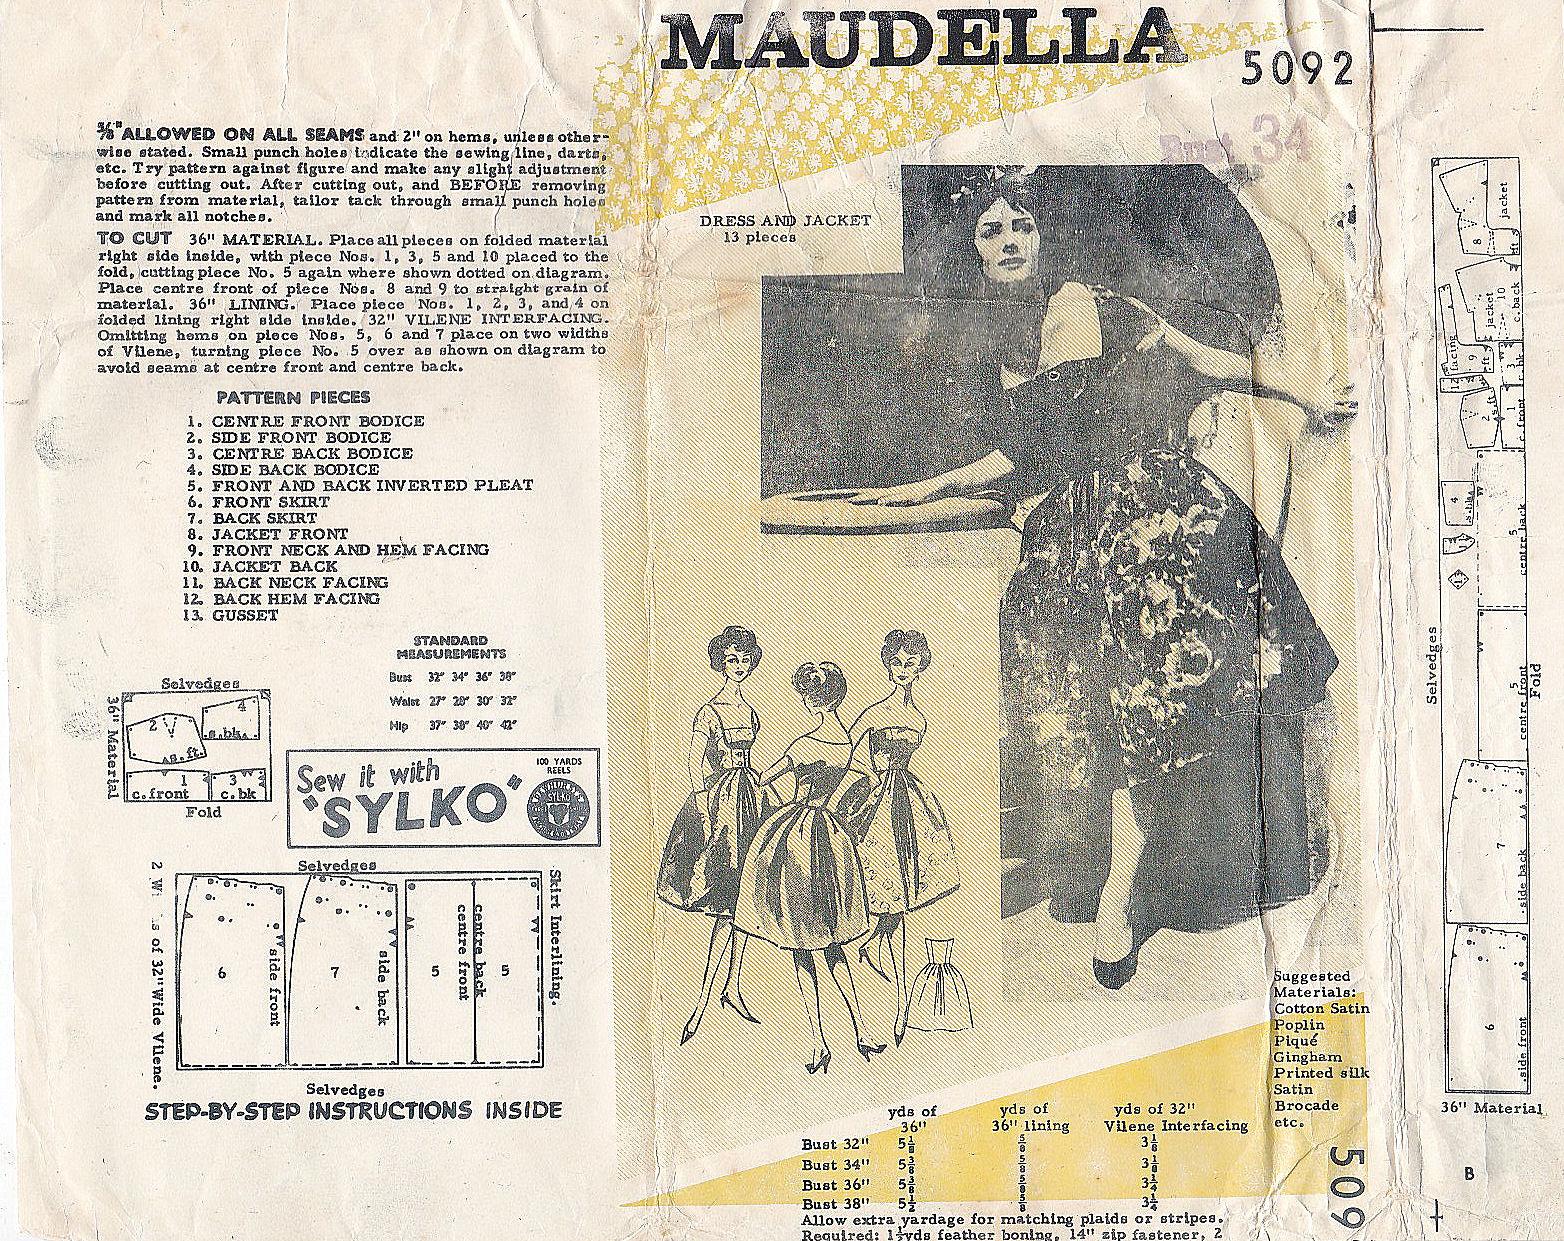 Maudella 5092